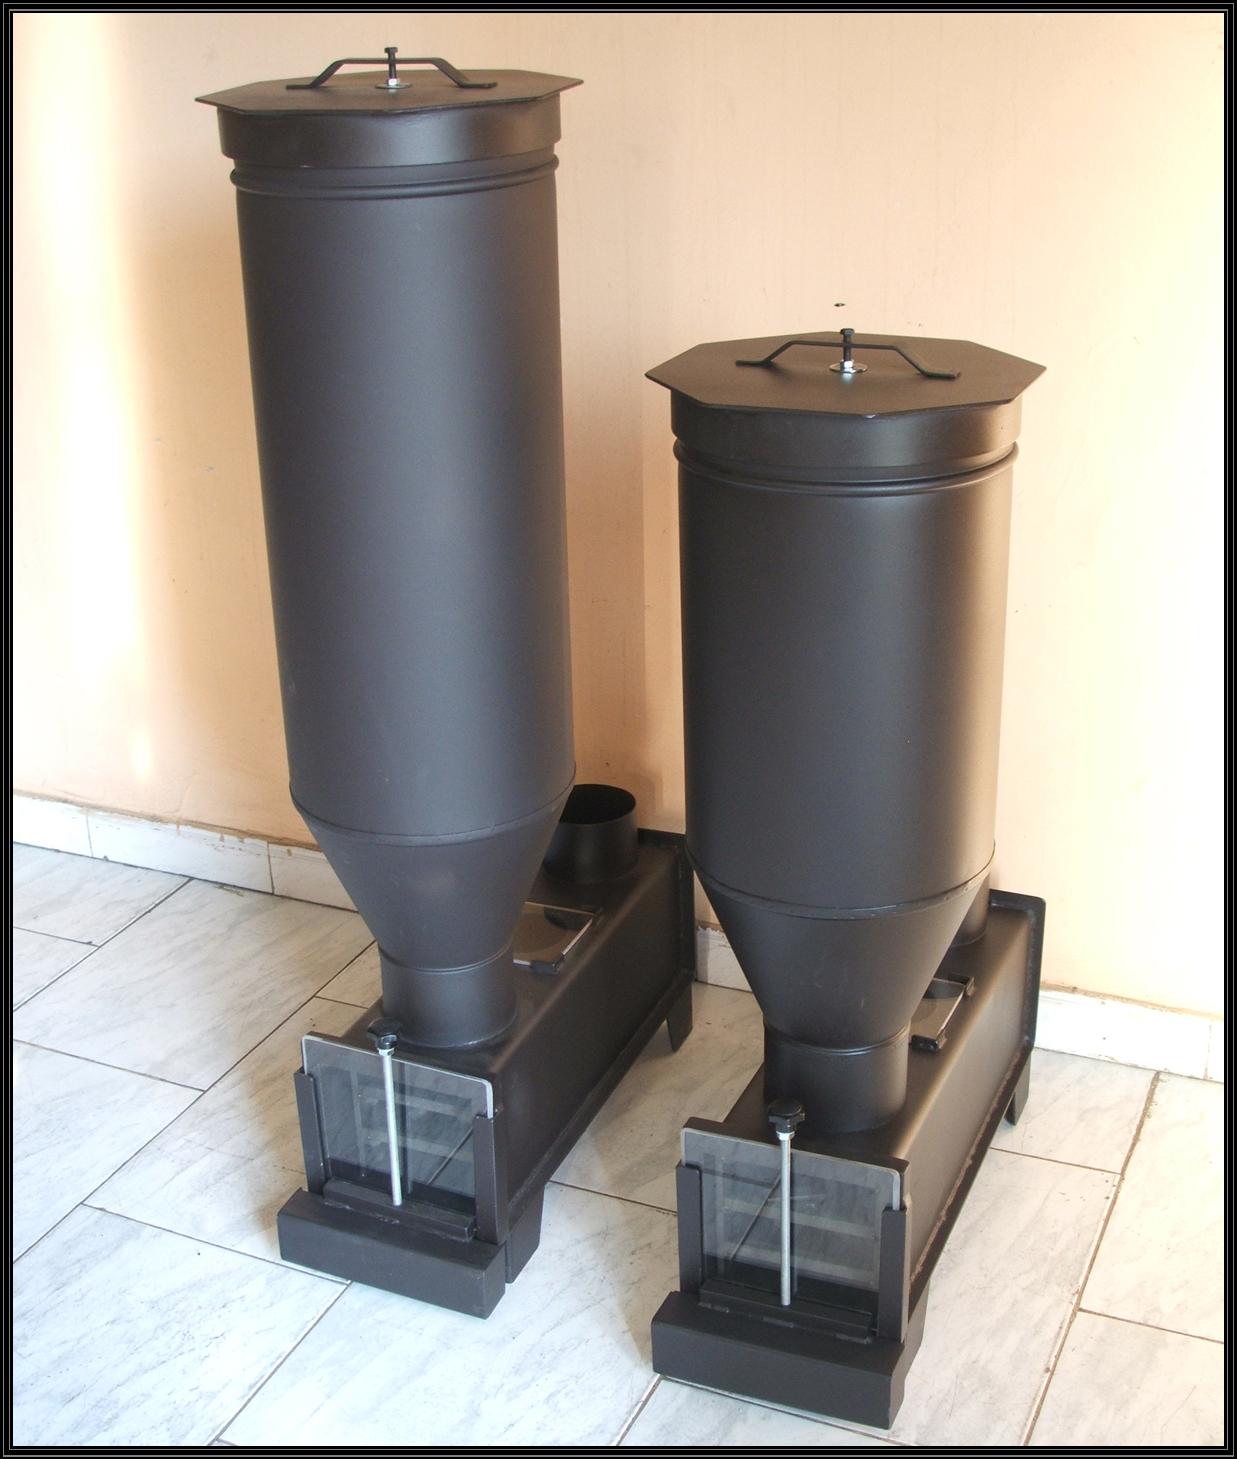 Chimeneas sierra estufa de biomasa modelo sierra mas corta for Estufas biomasa precios